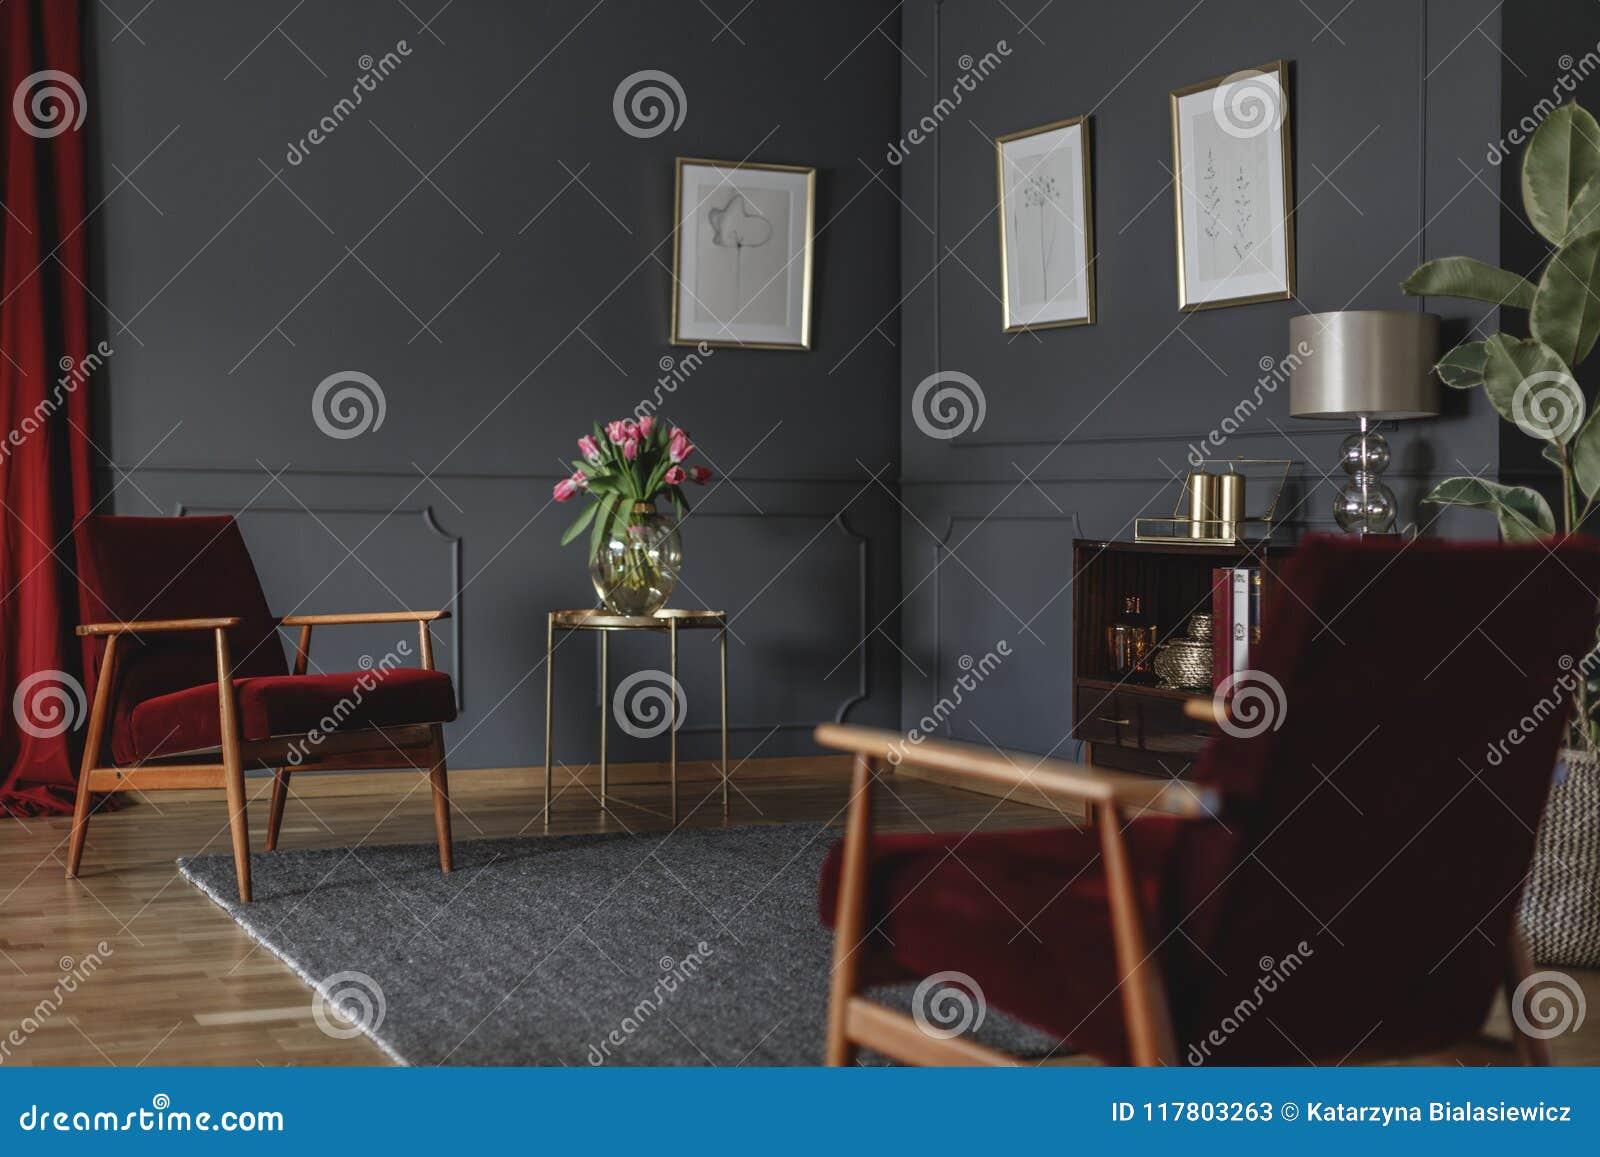 Botanische tekeningen op een donkergrijze muur in de hoek van een luxuri